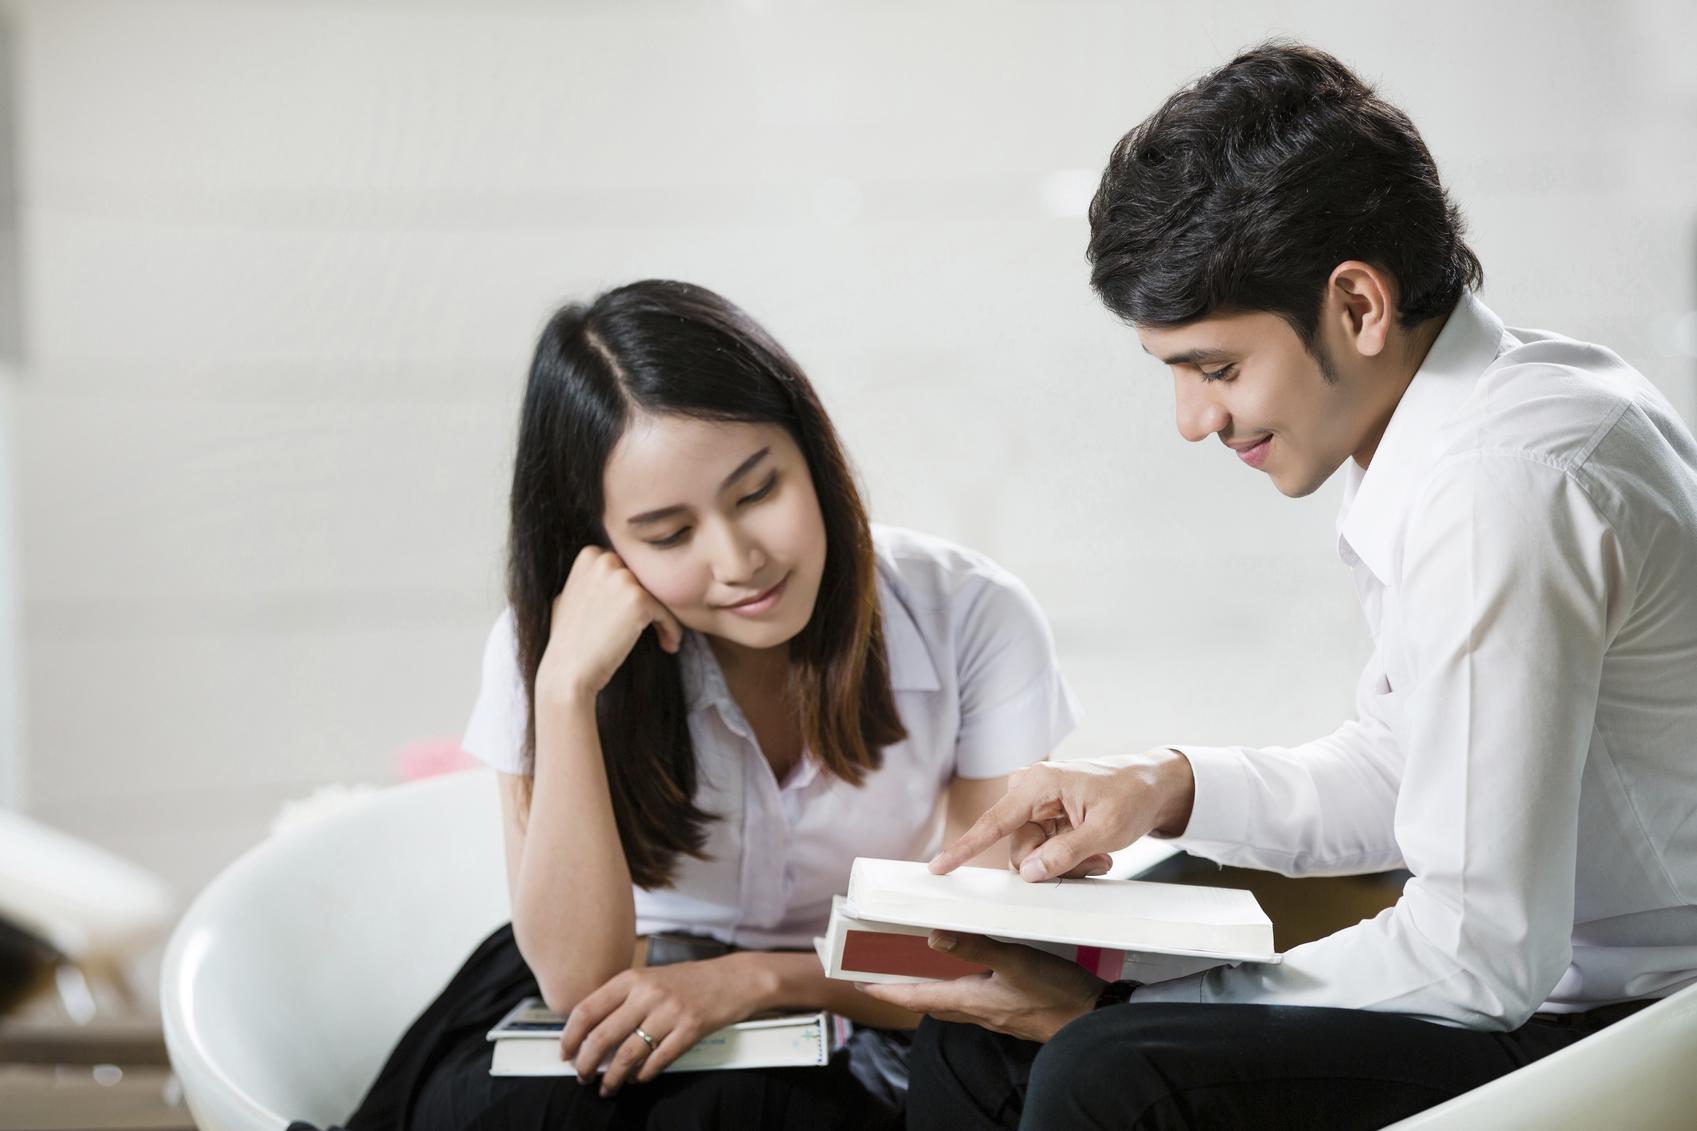 ทุนการศึกษา นักศึกษาใหม่ ปริญญาตรี มหาวิทยาลัย รับตรง